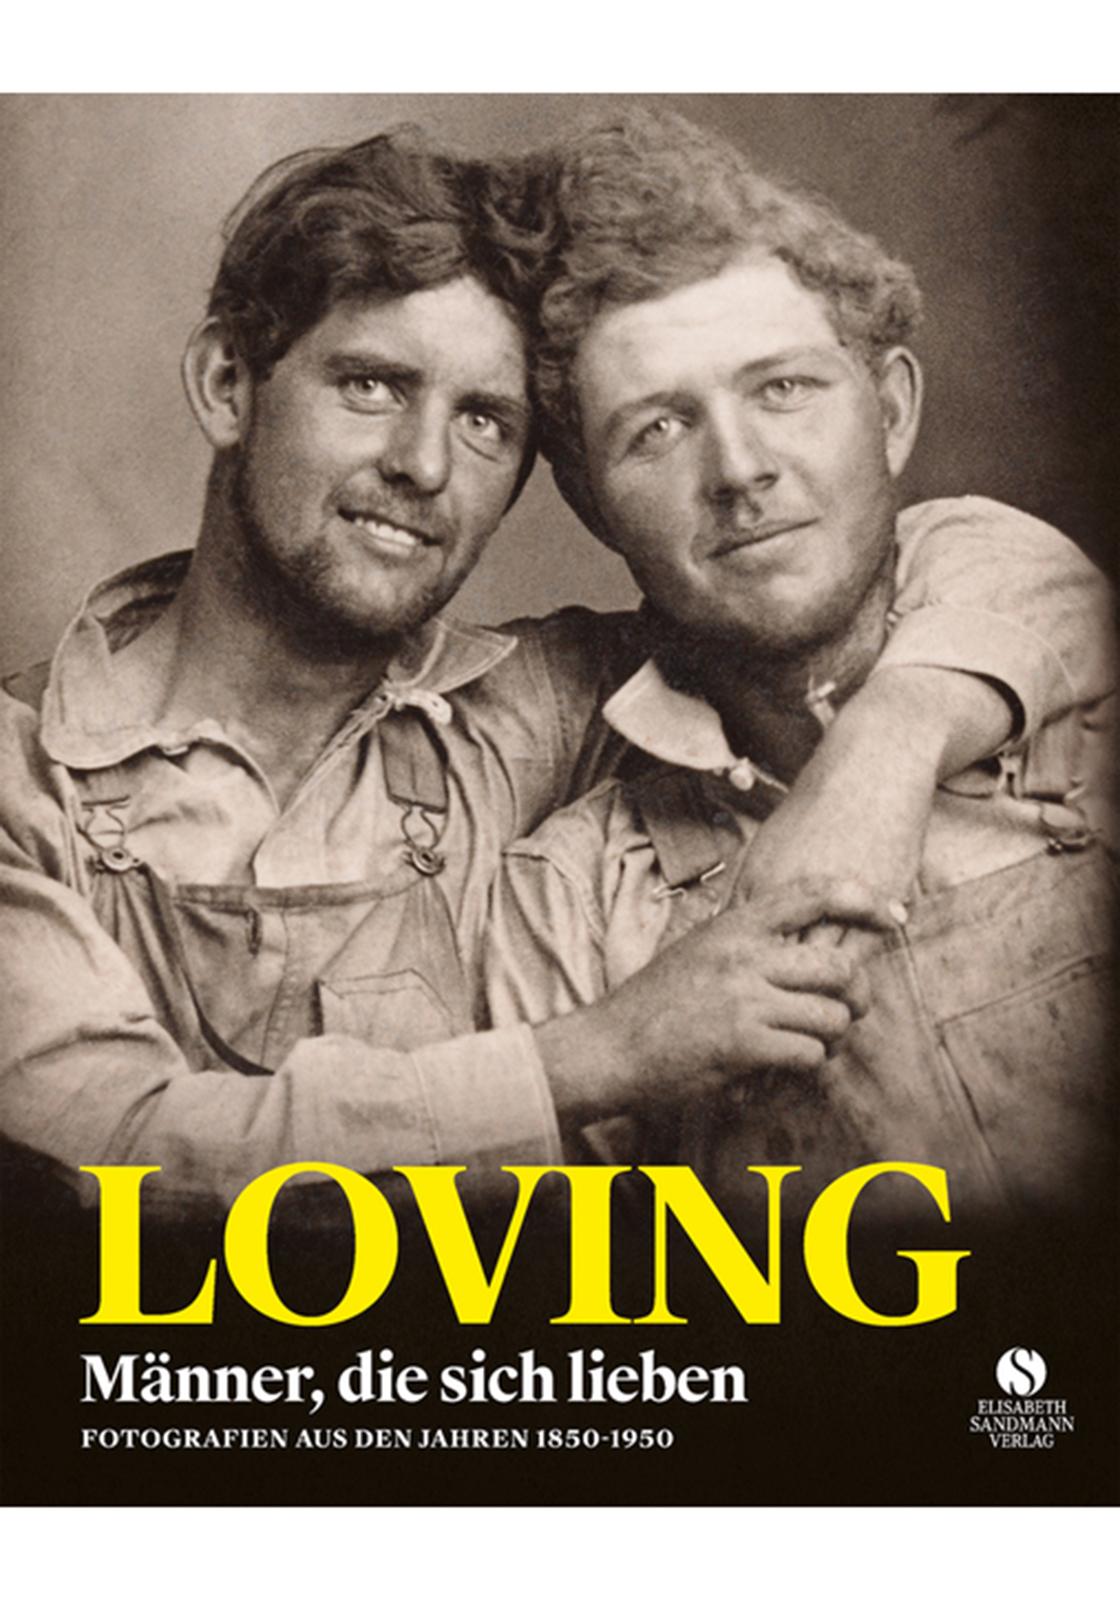 Neal Treadwell | Loving - Männer die sich lieben